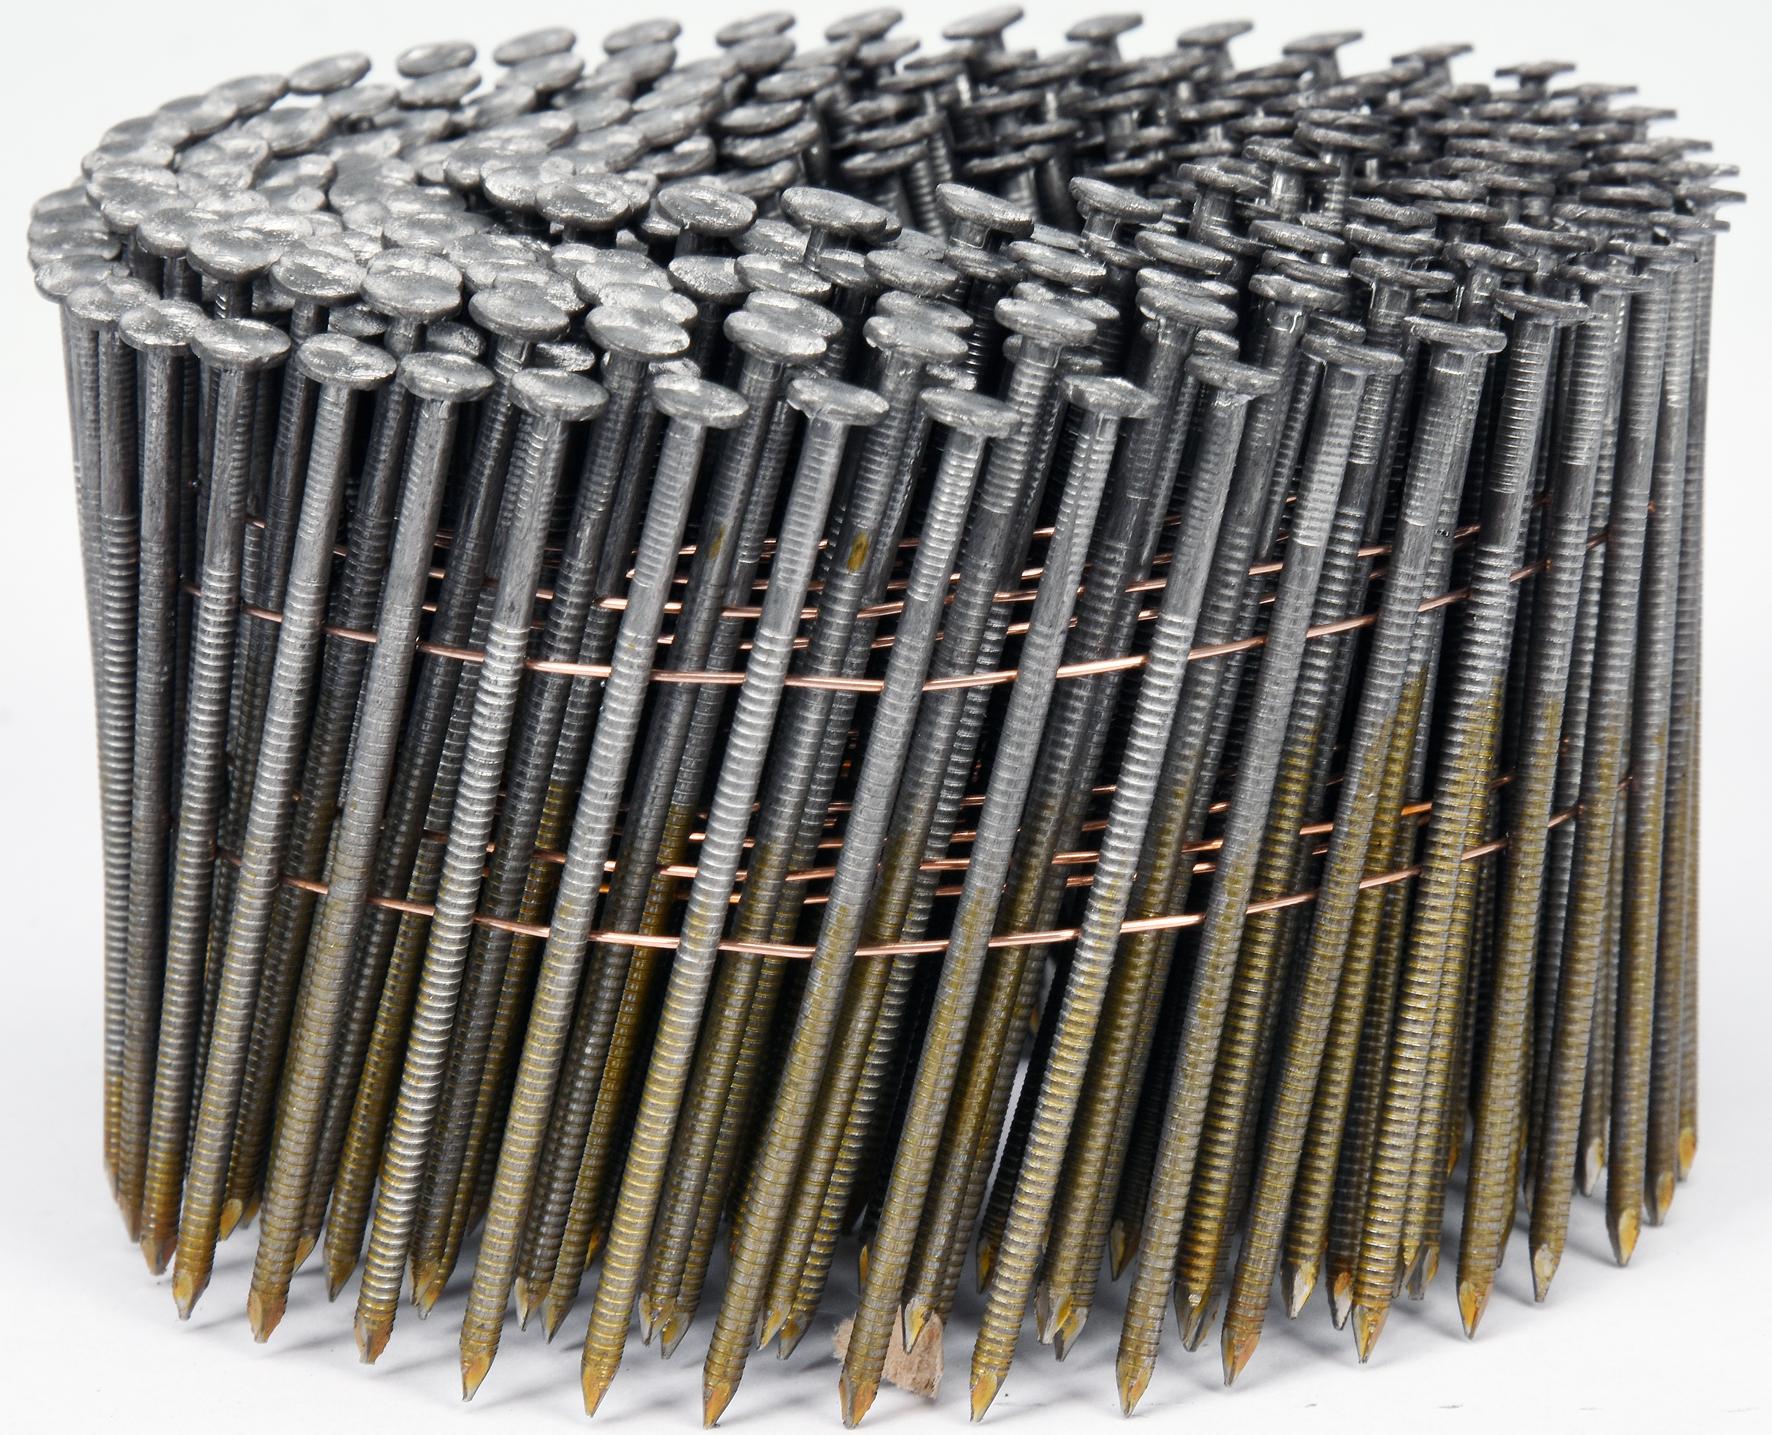 Hřebíky 70x2,5mm v cívce 3000ks